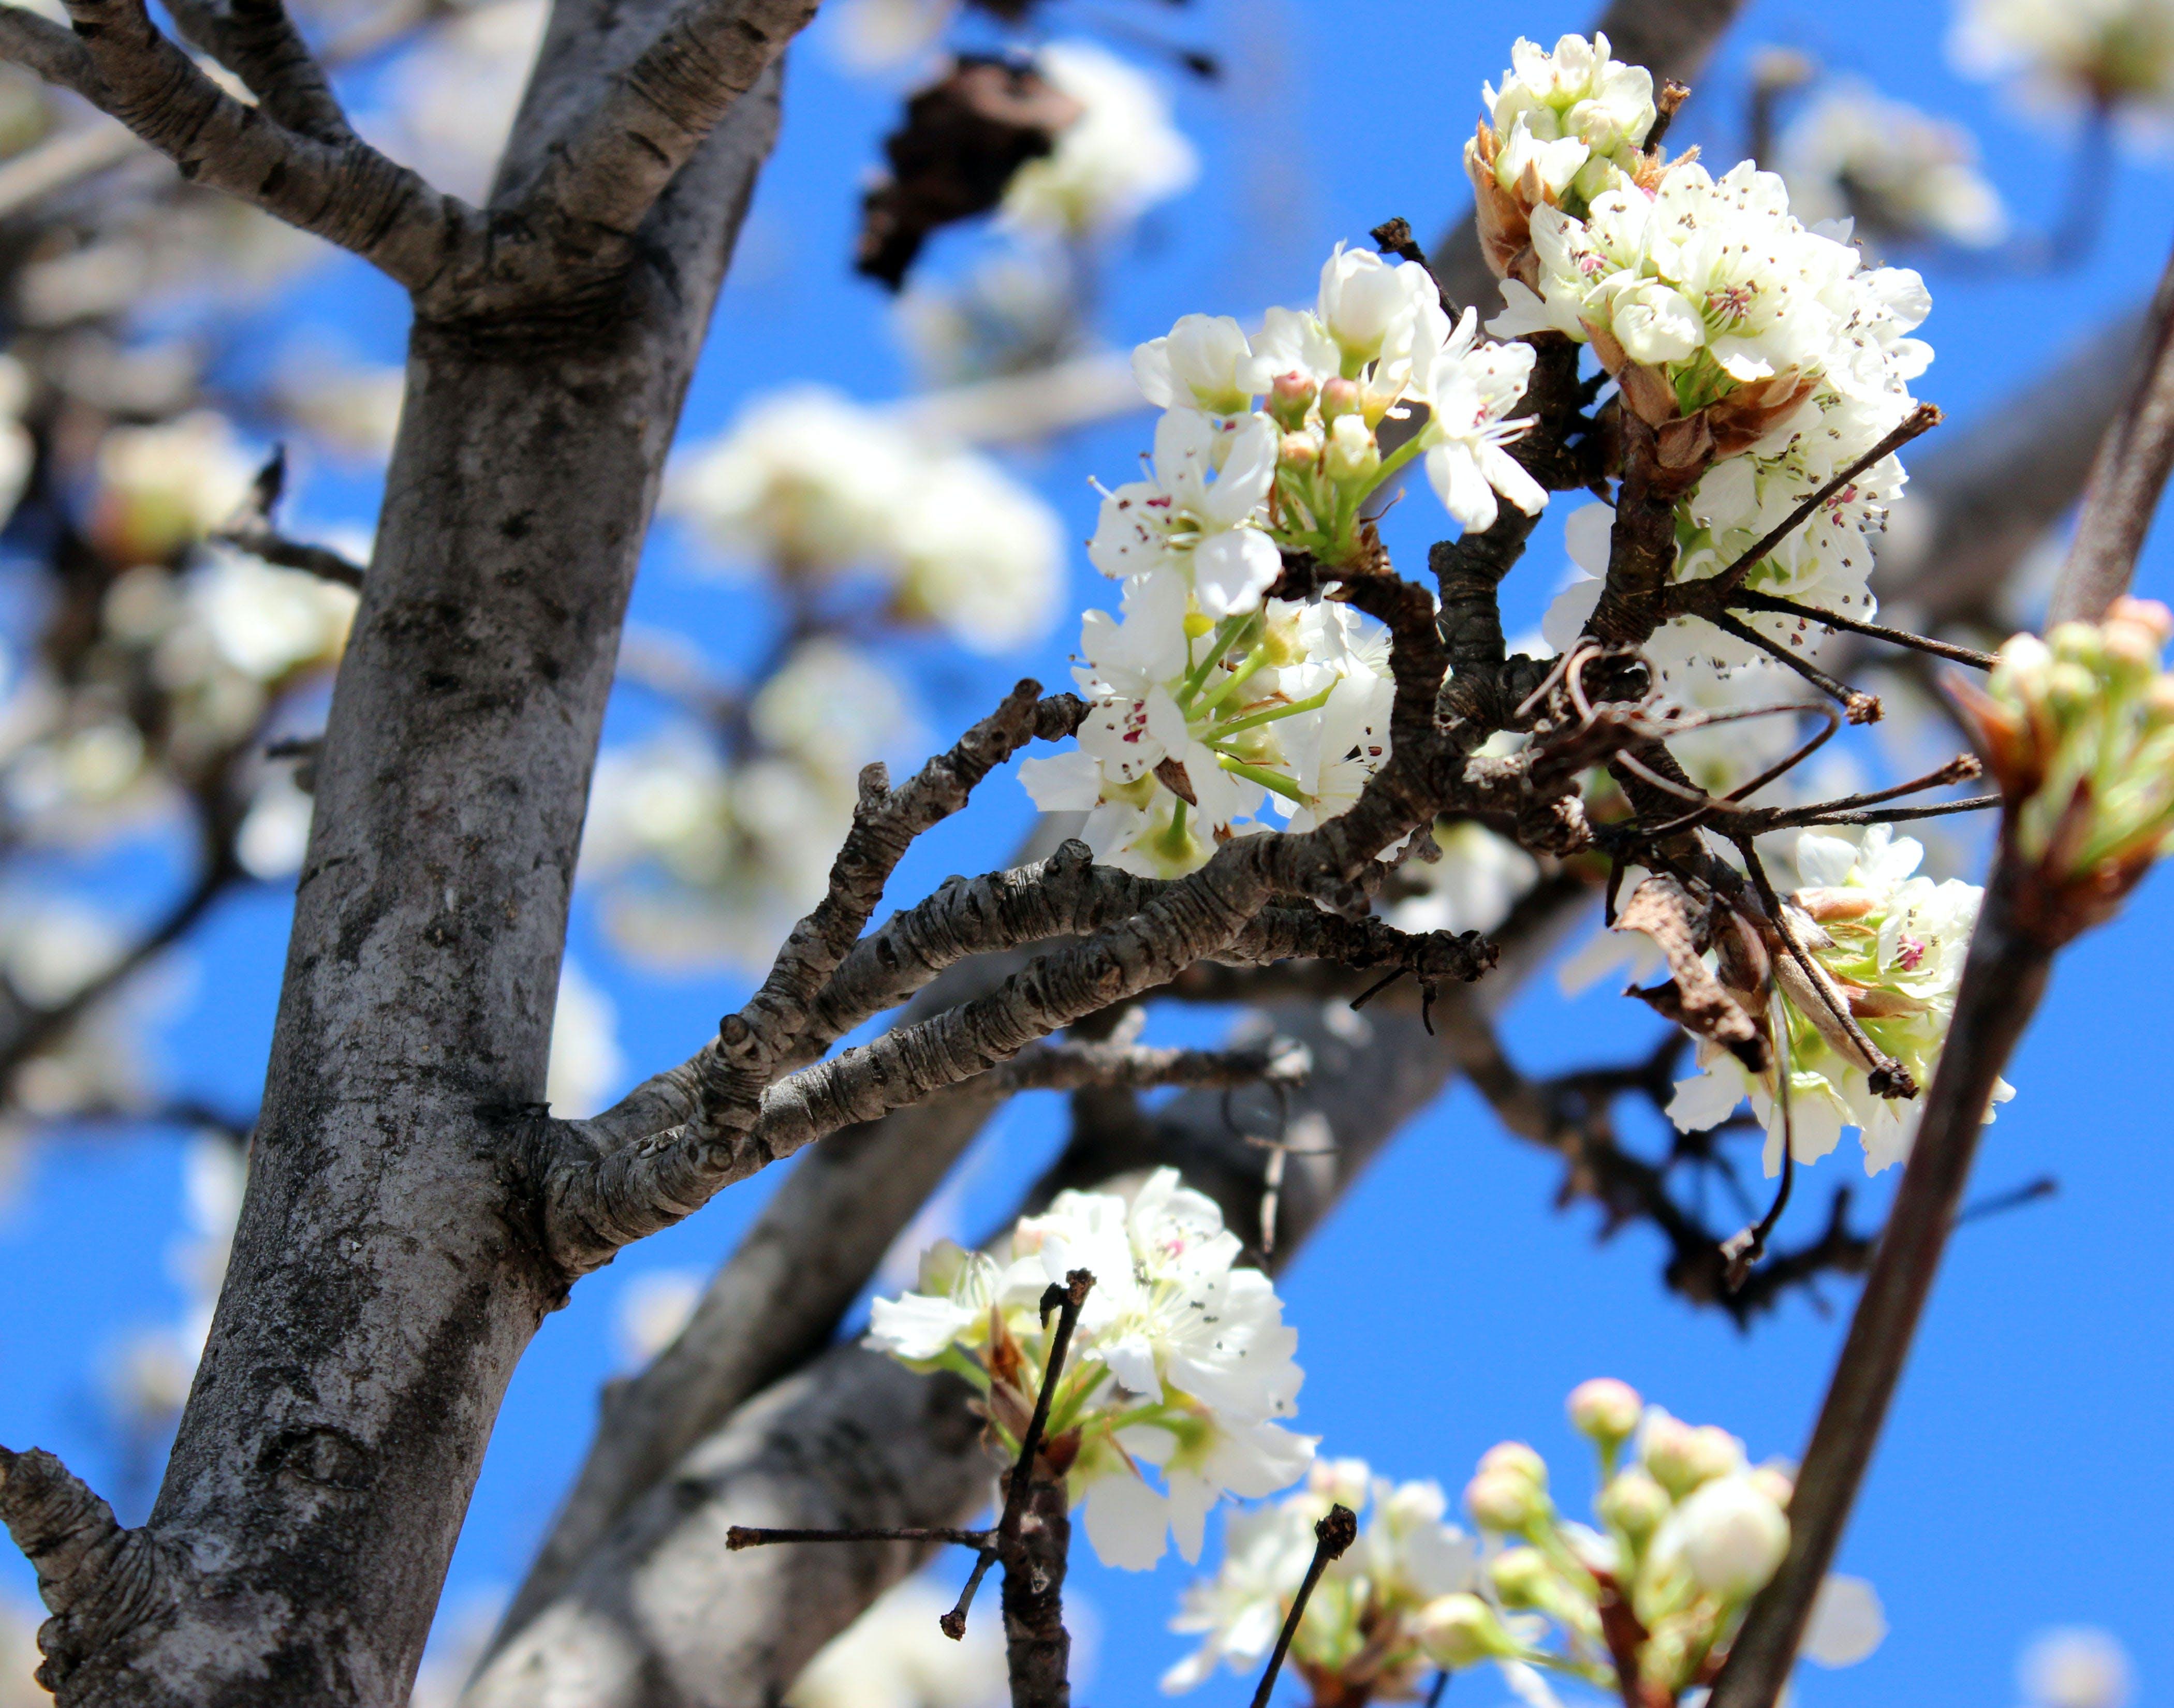 White Petaled Flowers on Tree